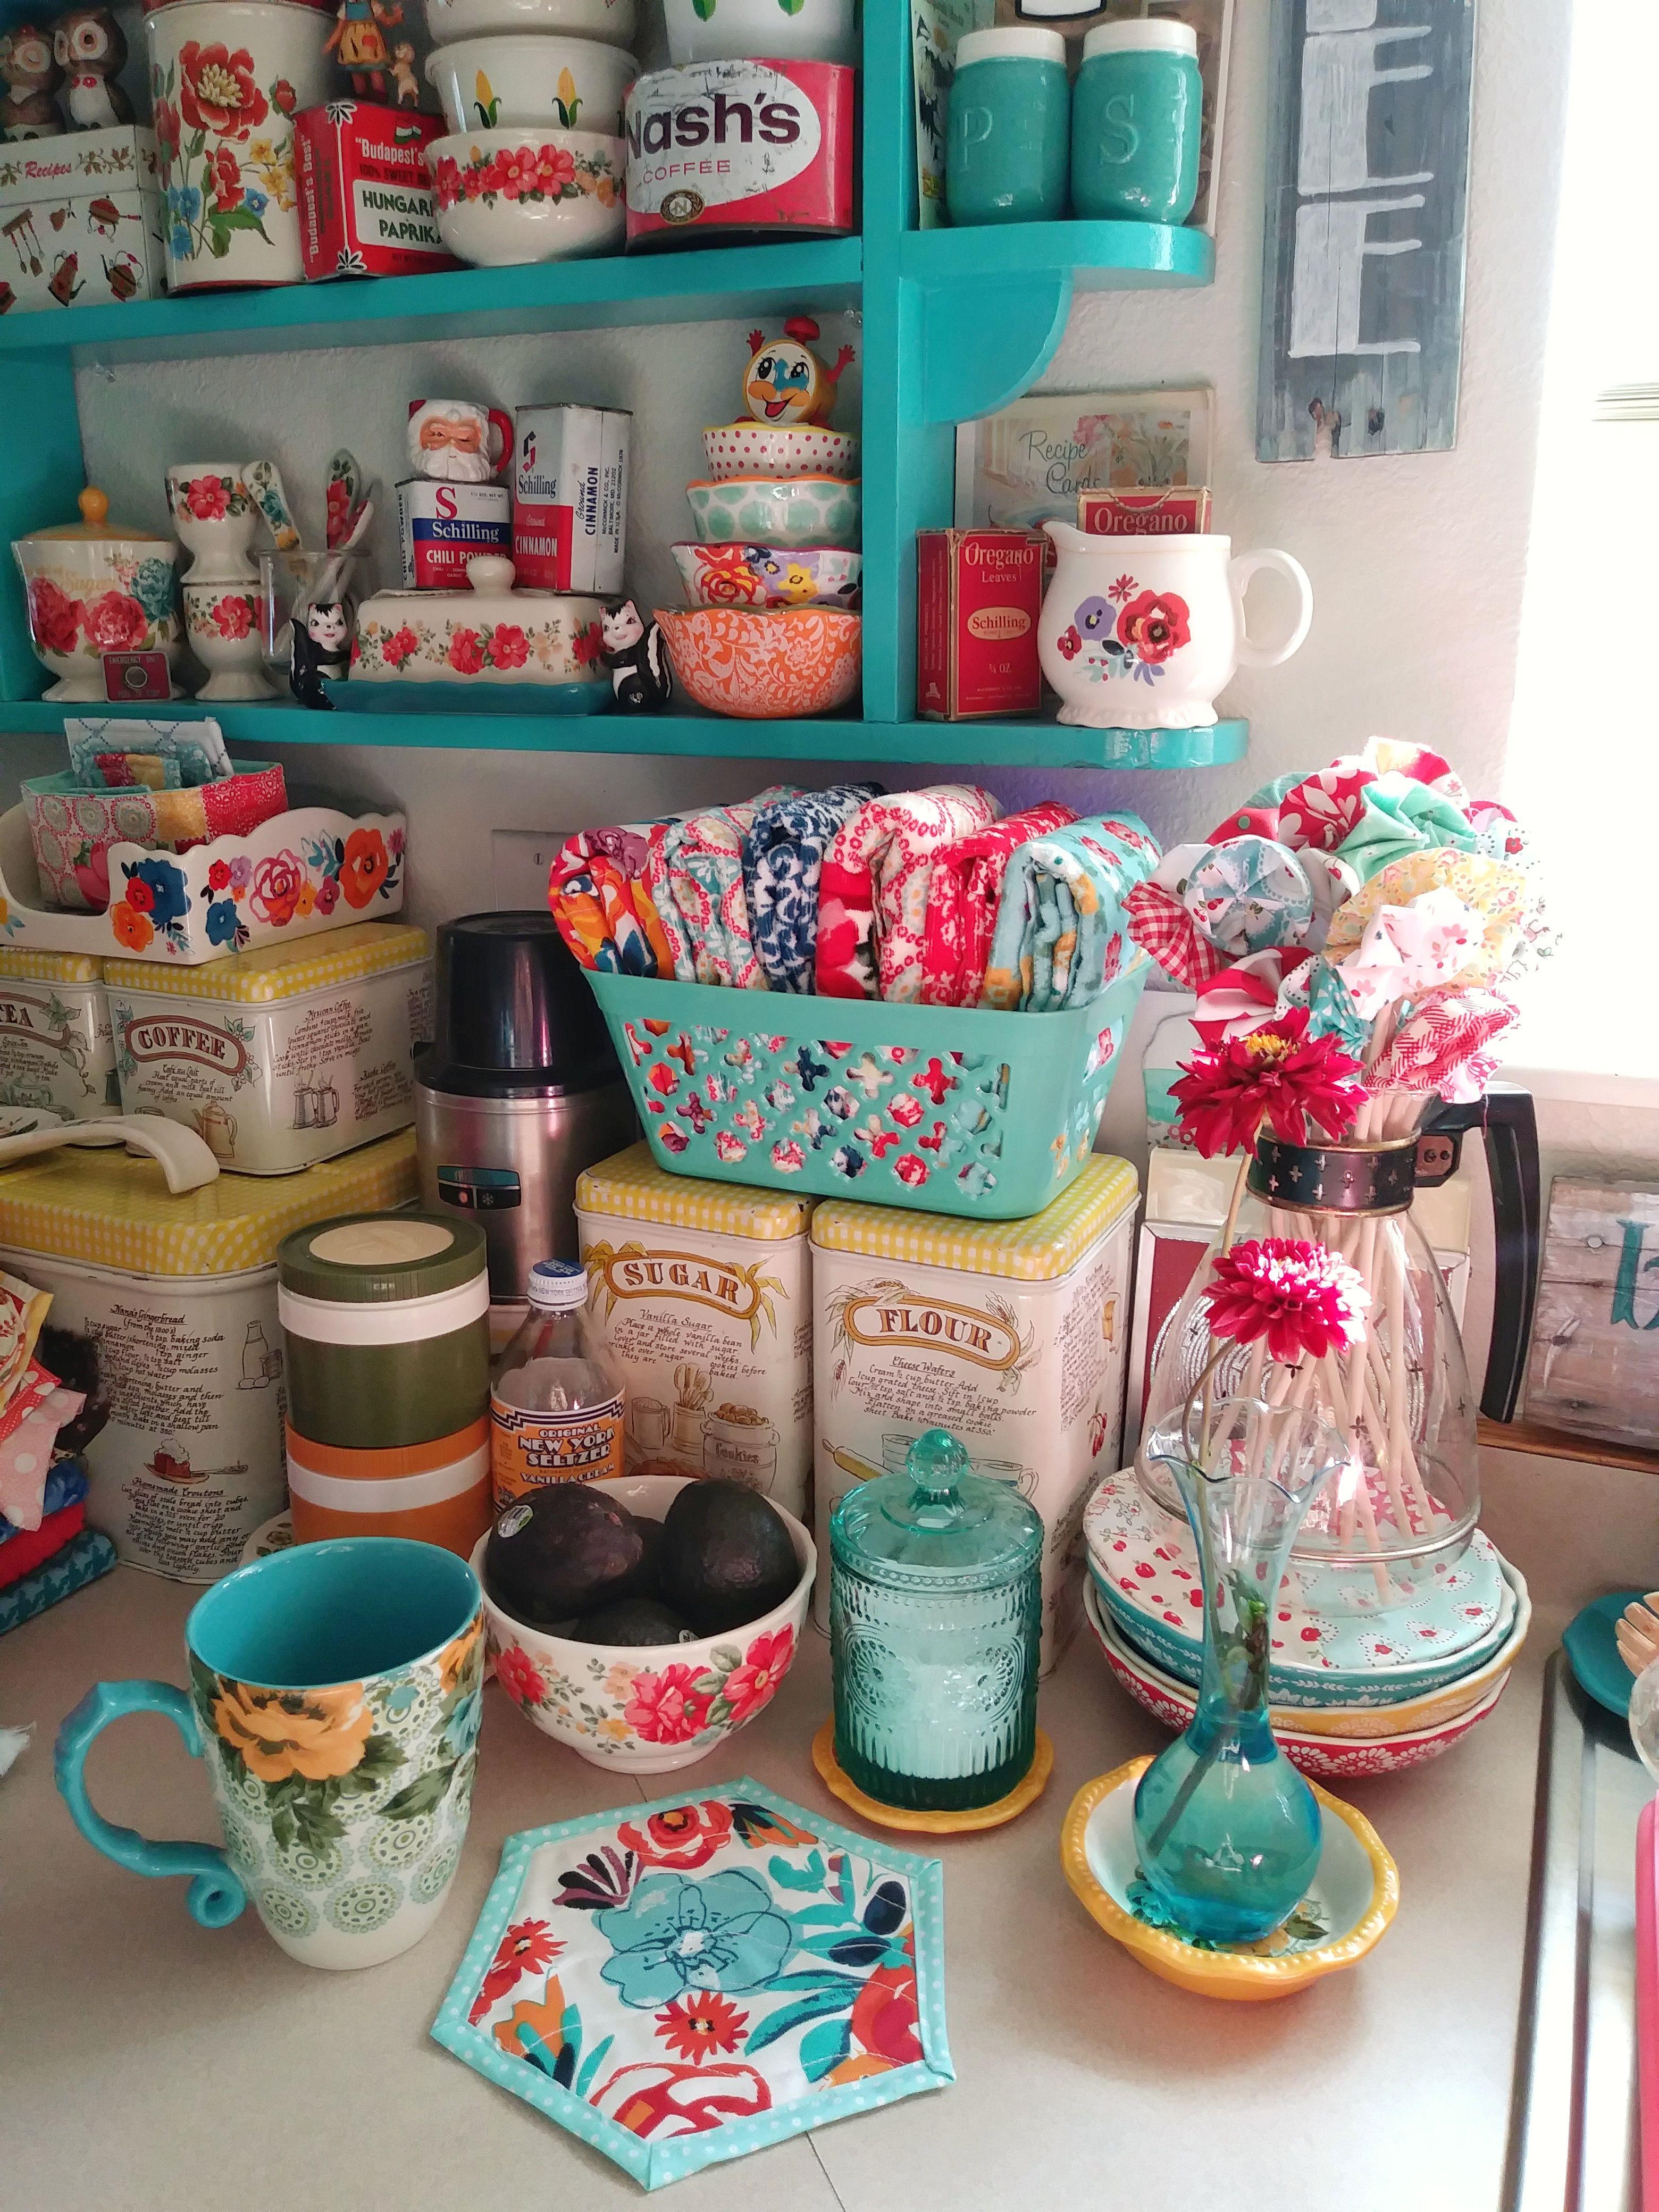 Pioneer Womanflea Marketkitchen Decorquilted Mug Etsy Pioneer Woman Kitchen Decor Pioneer Woman Kitchen Country Kitchen Decor